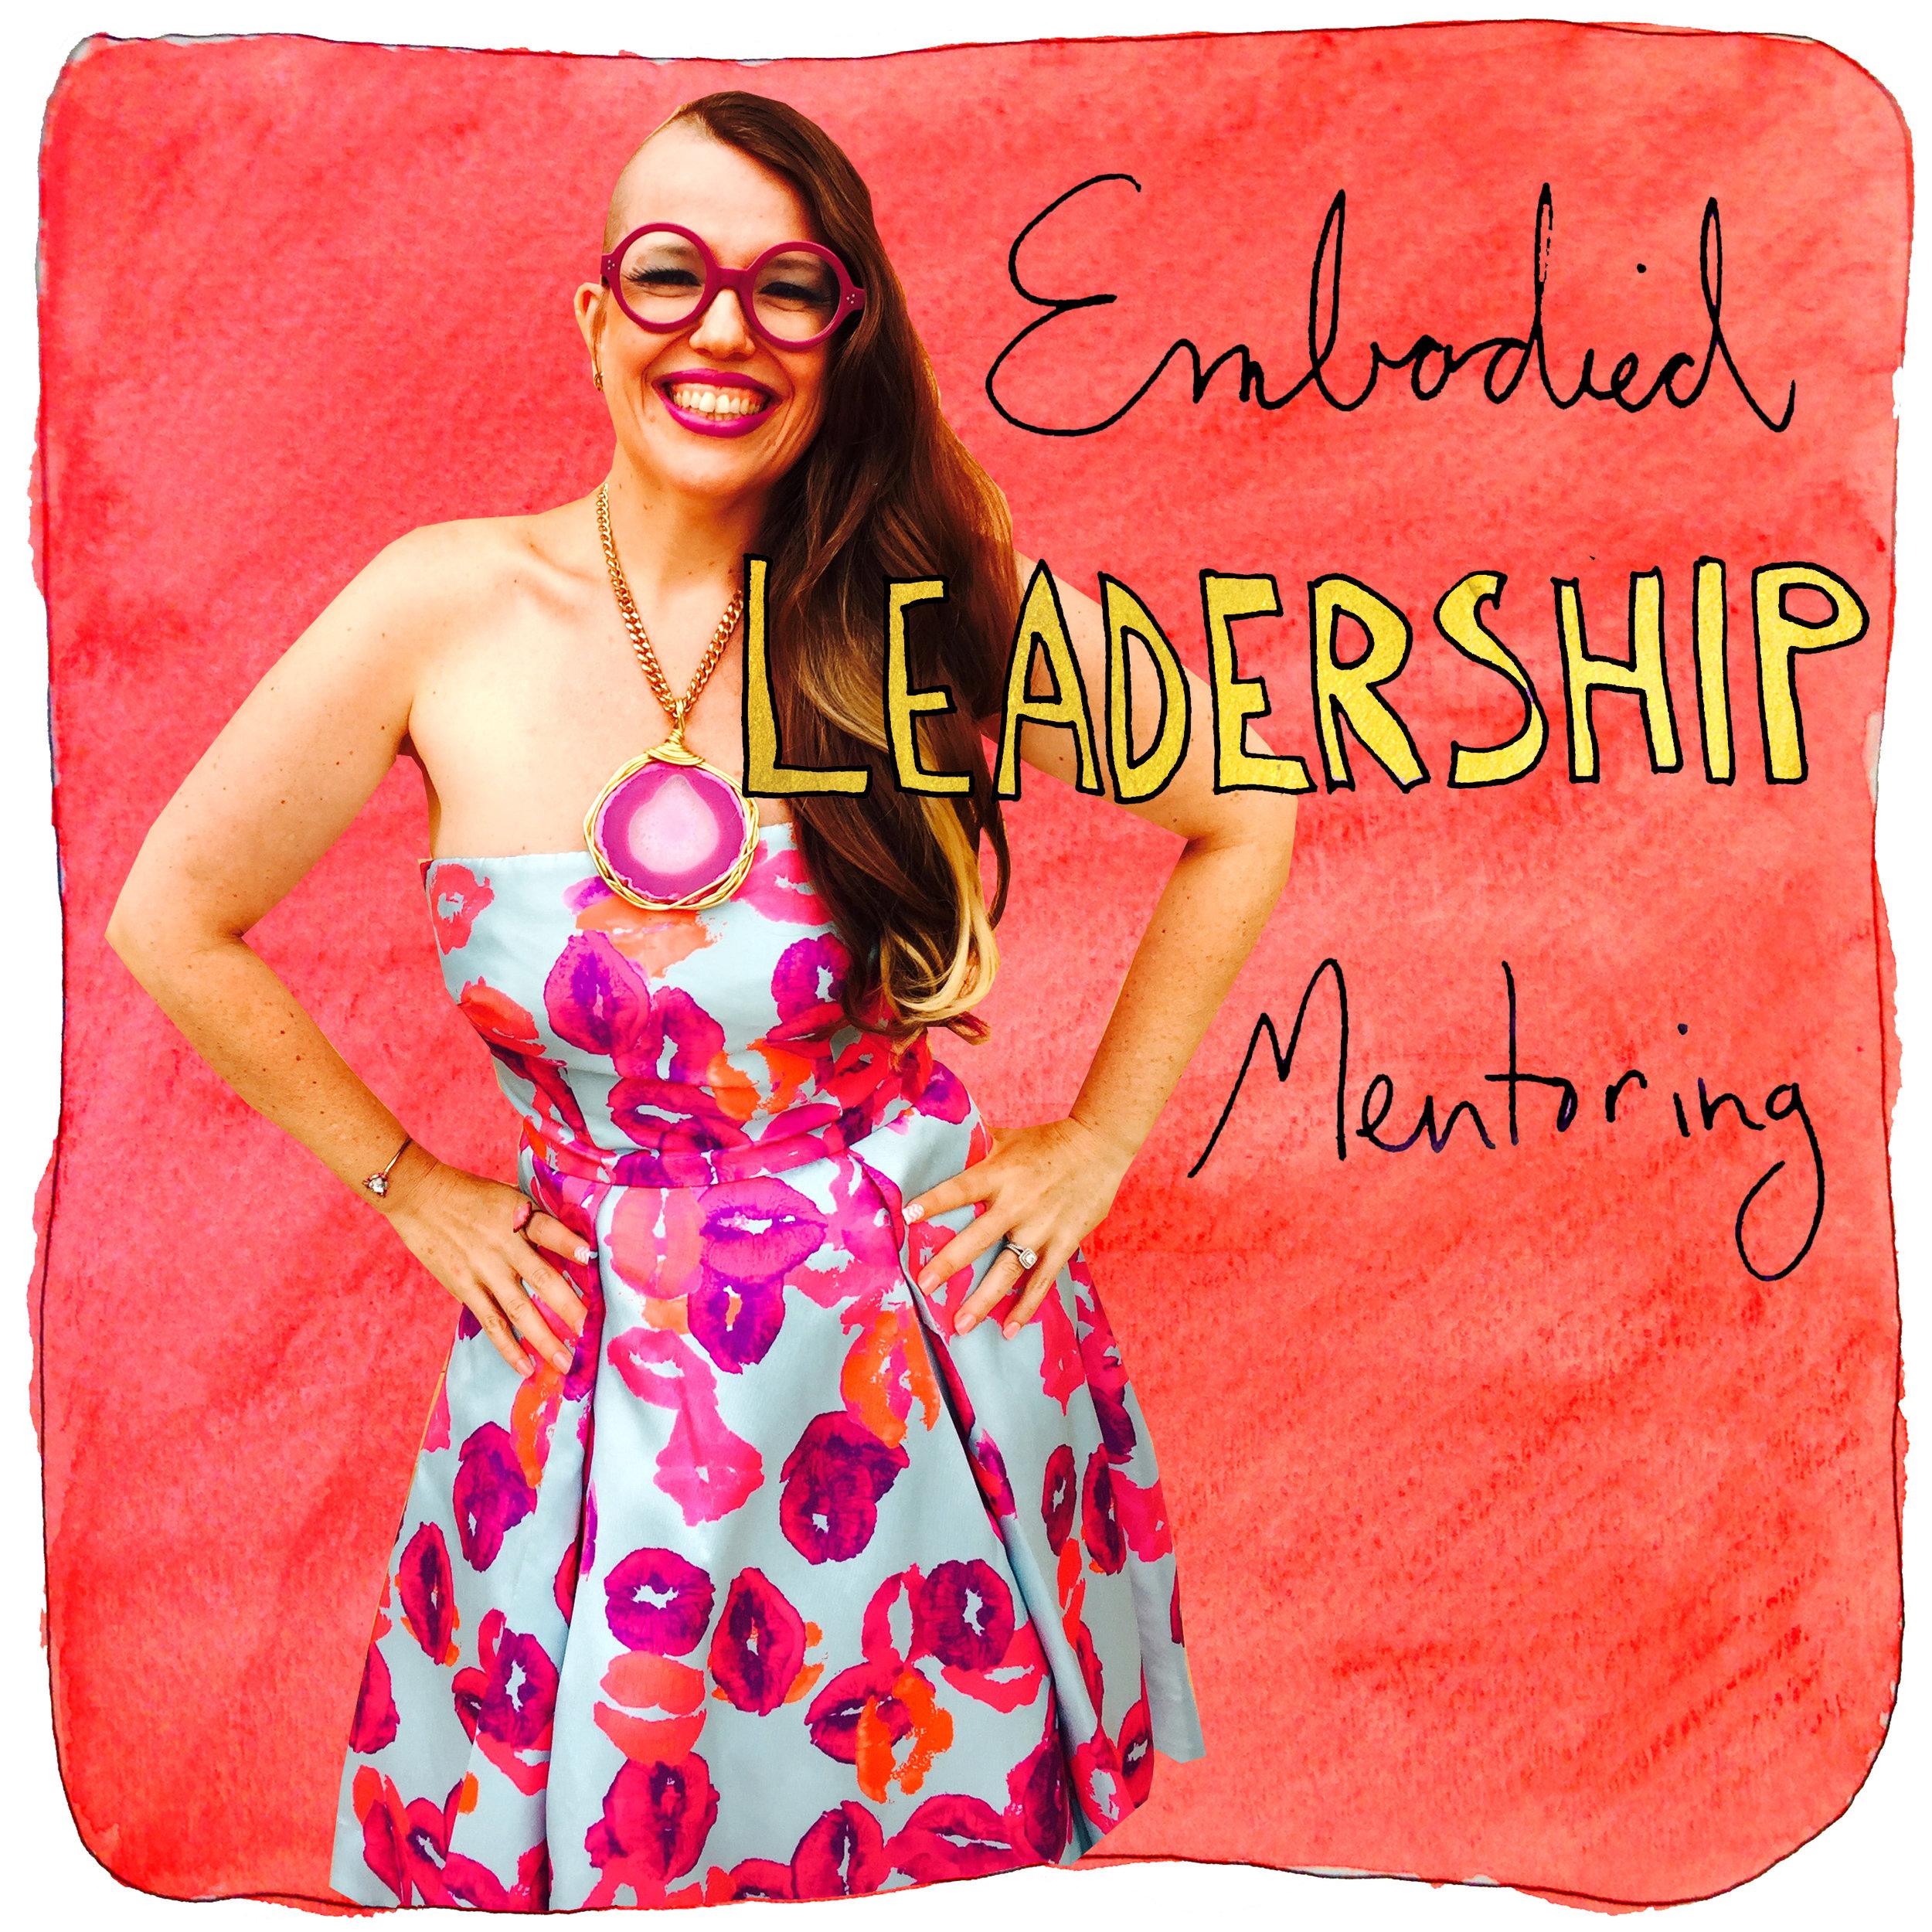 embodied leadership mentoring.jpg